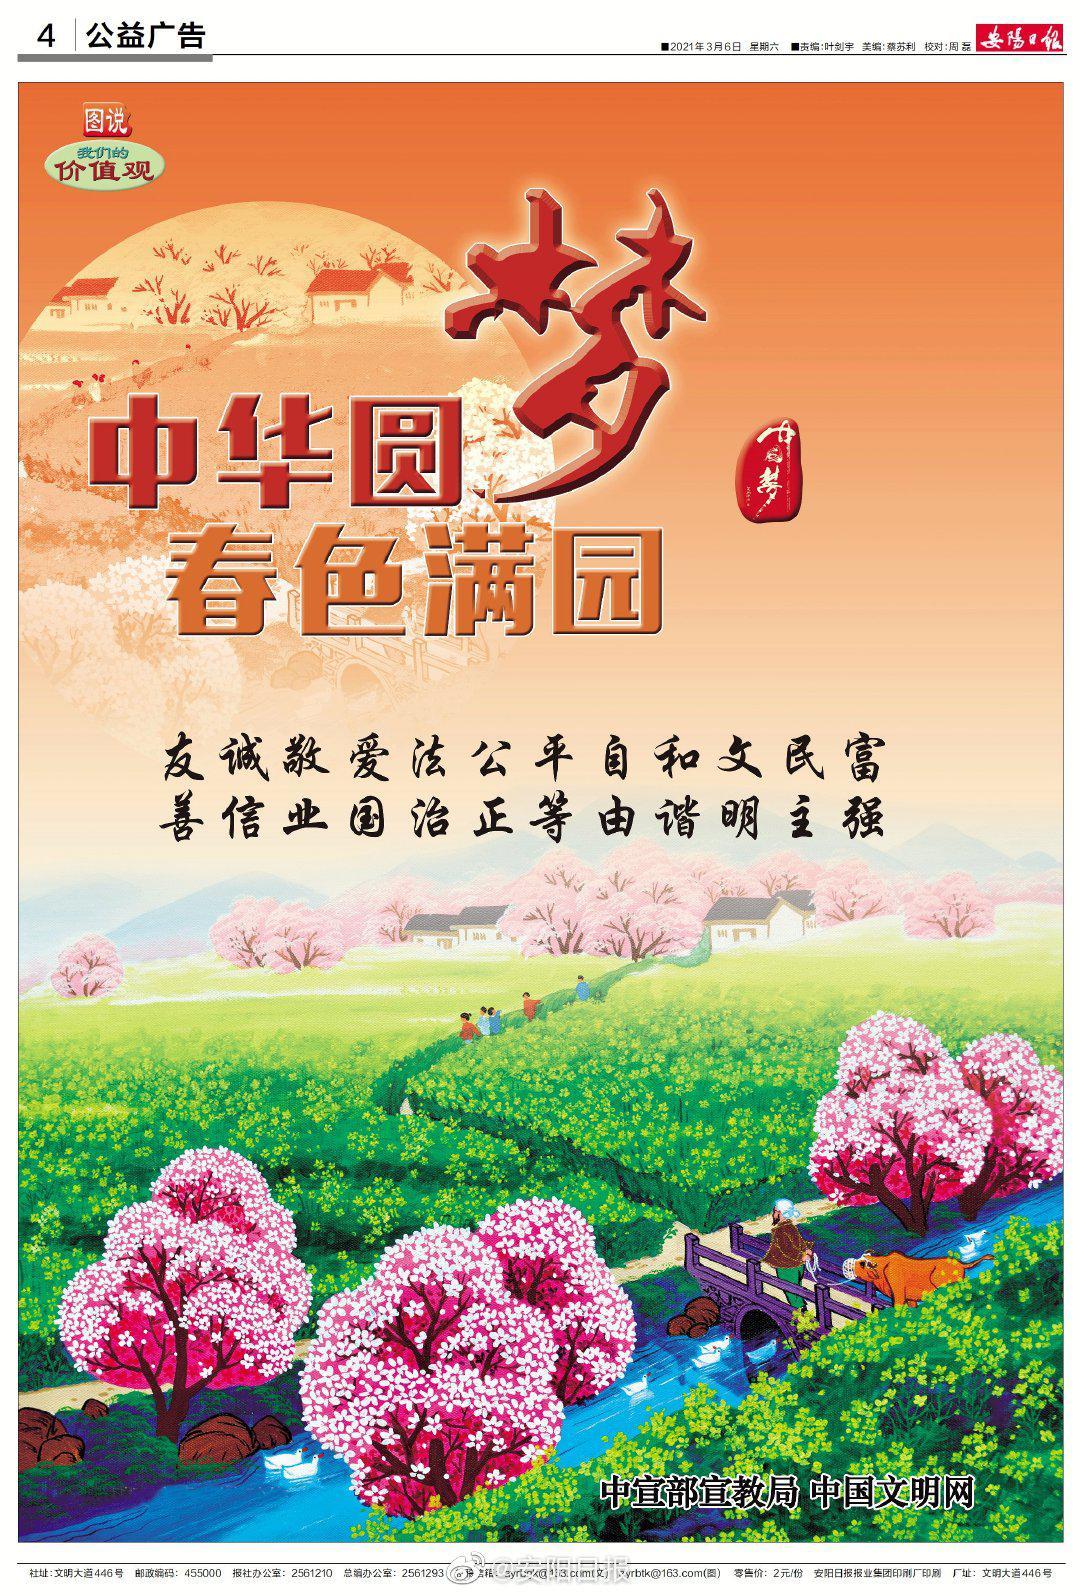 公益广告 中华圆梦 春色满园